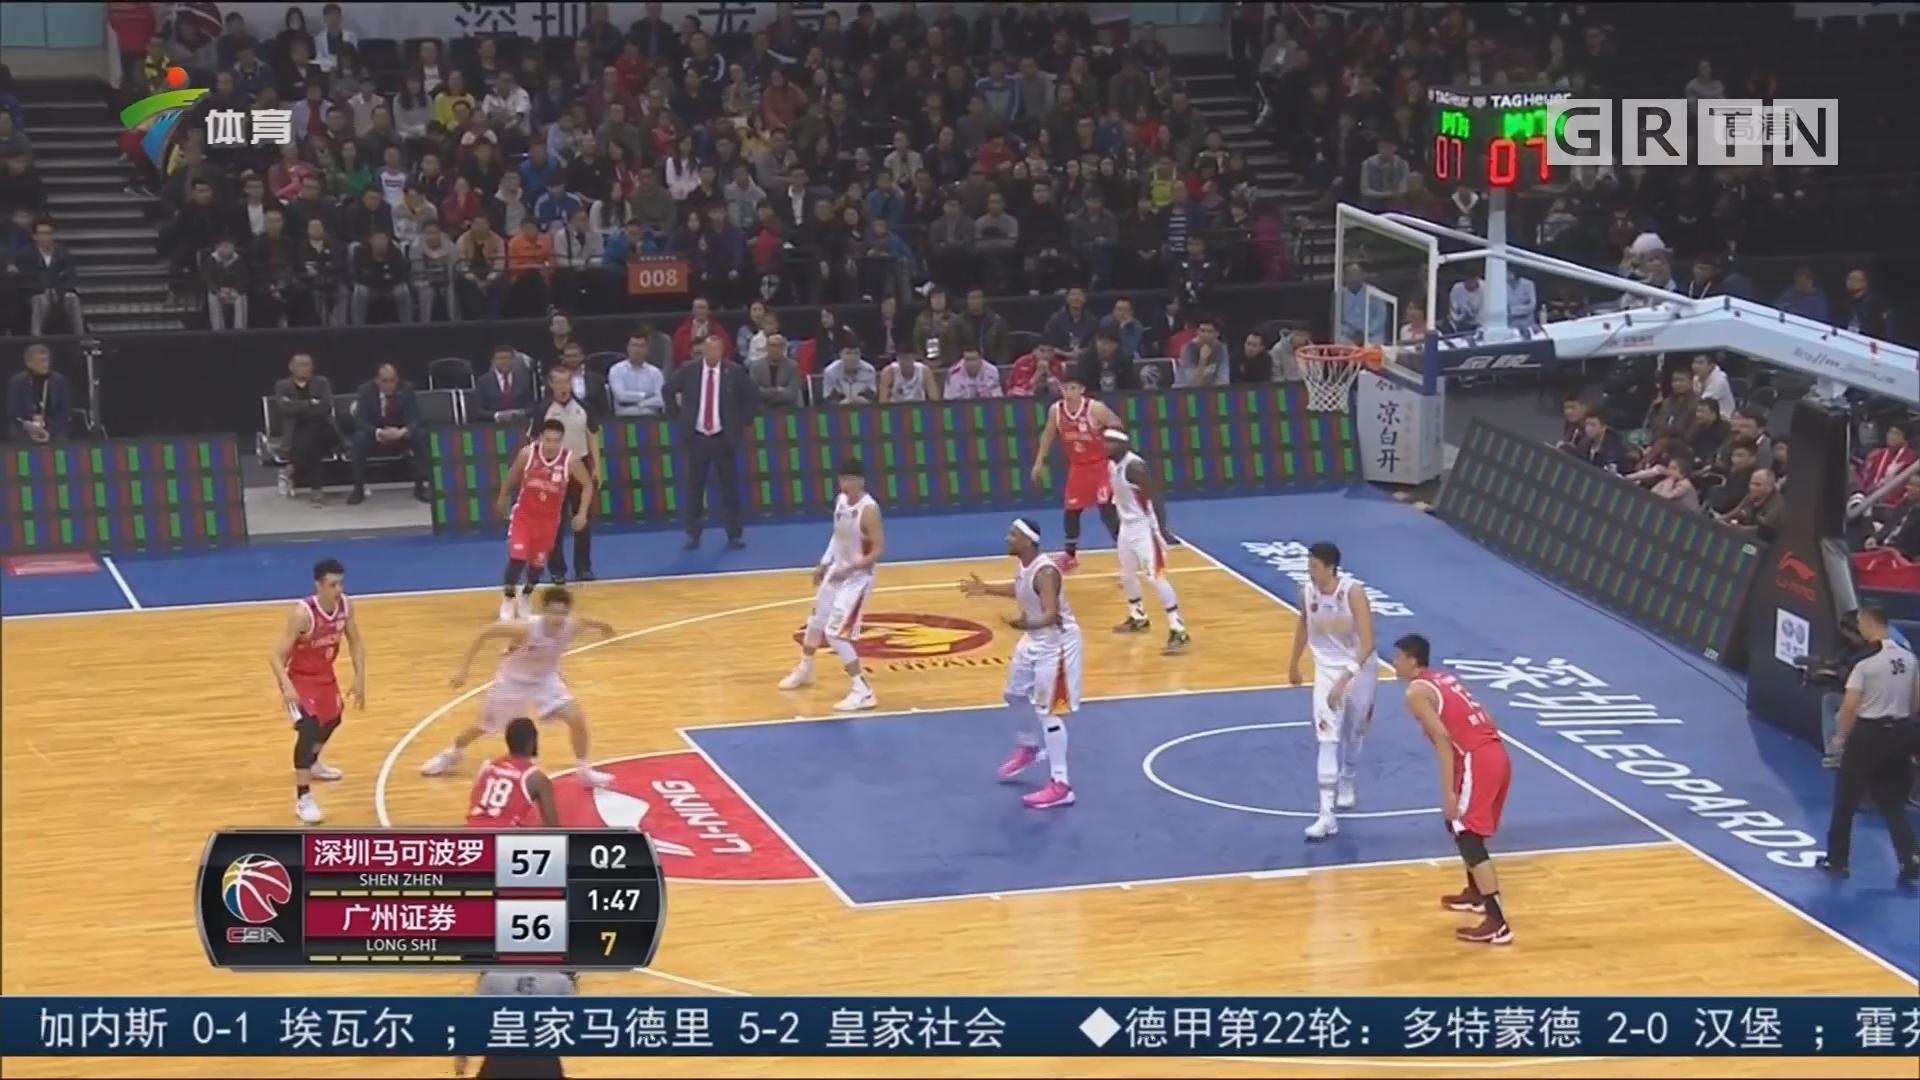 深圳胜龙狮 附加赛两队将再碰面